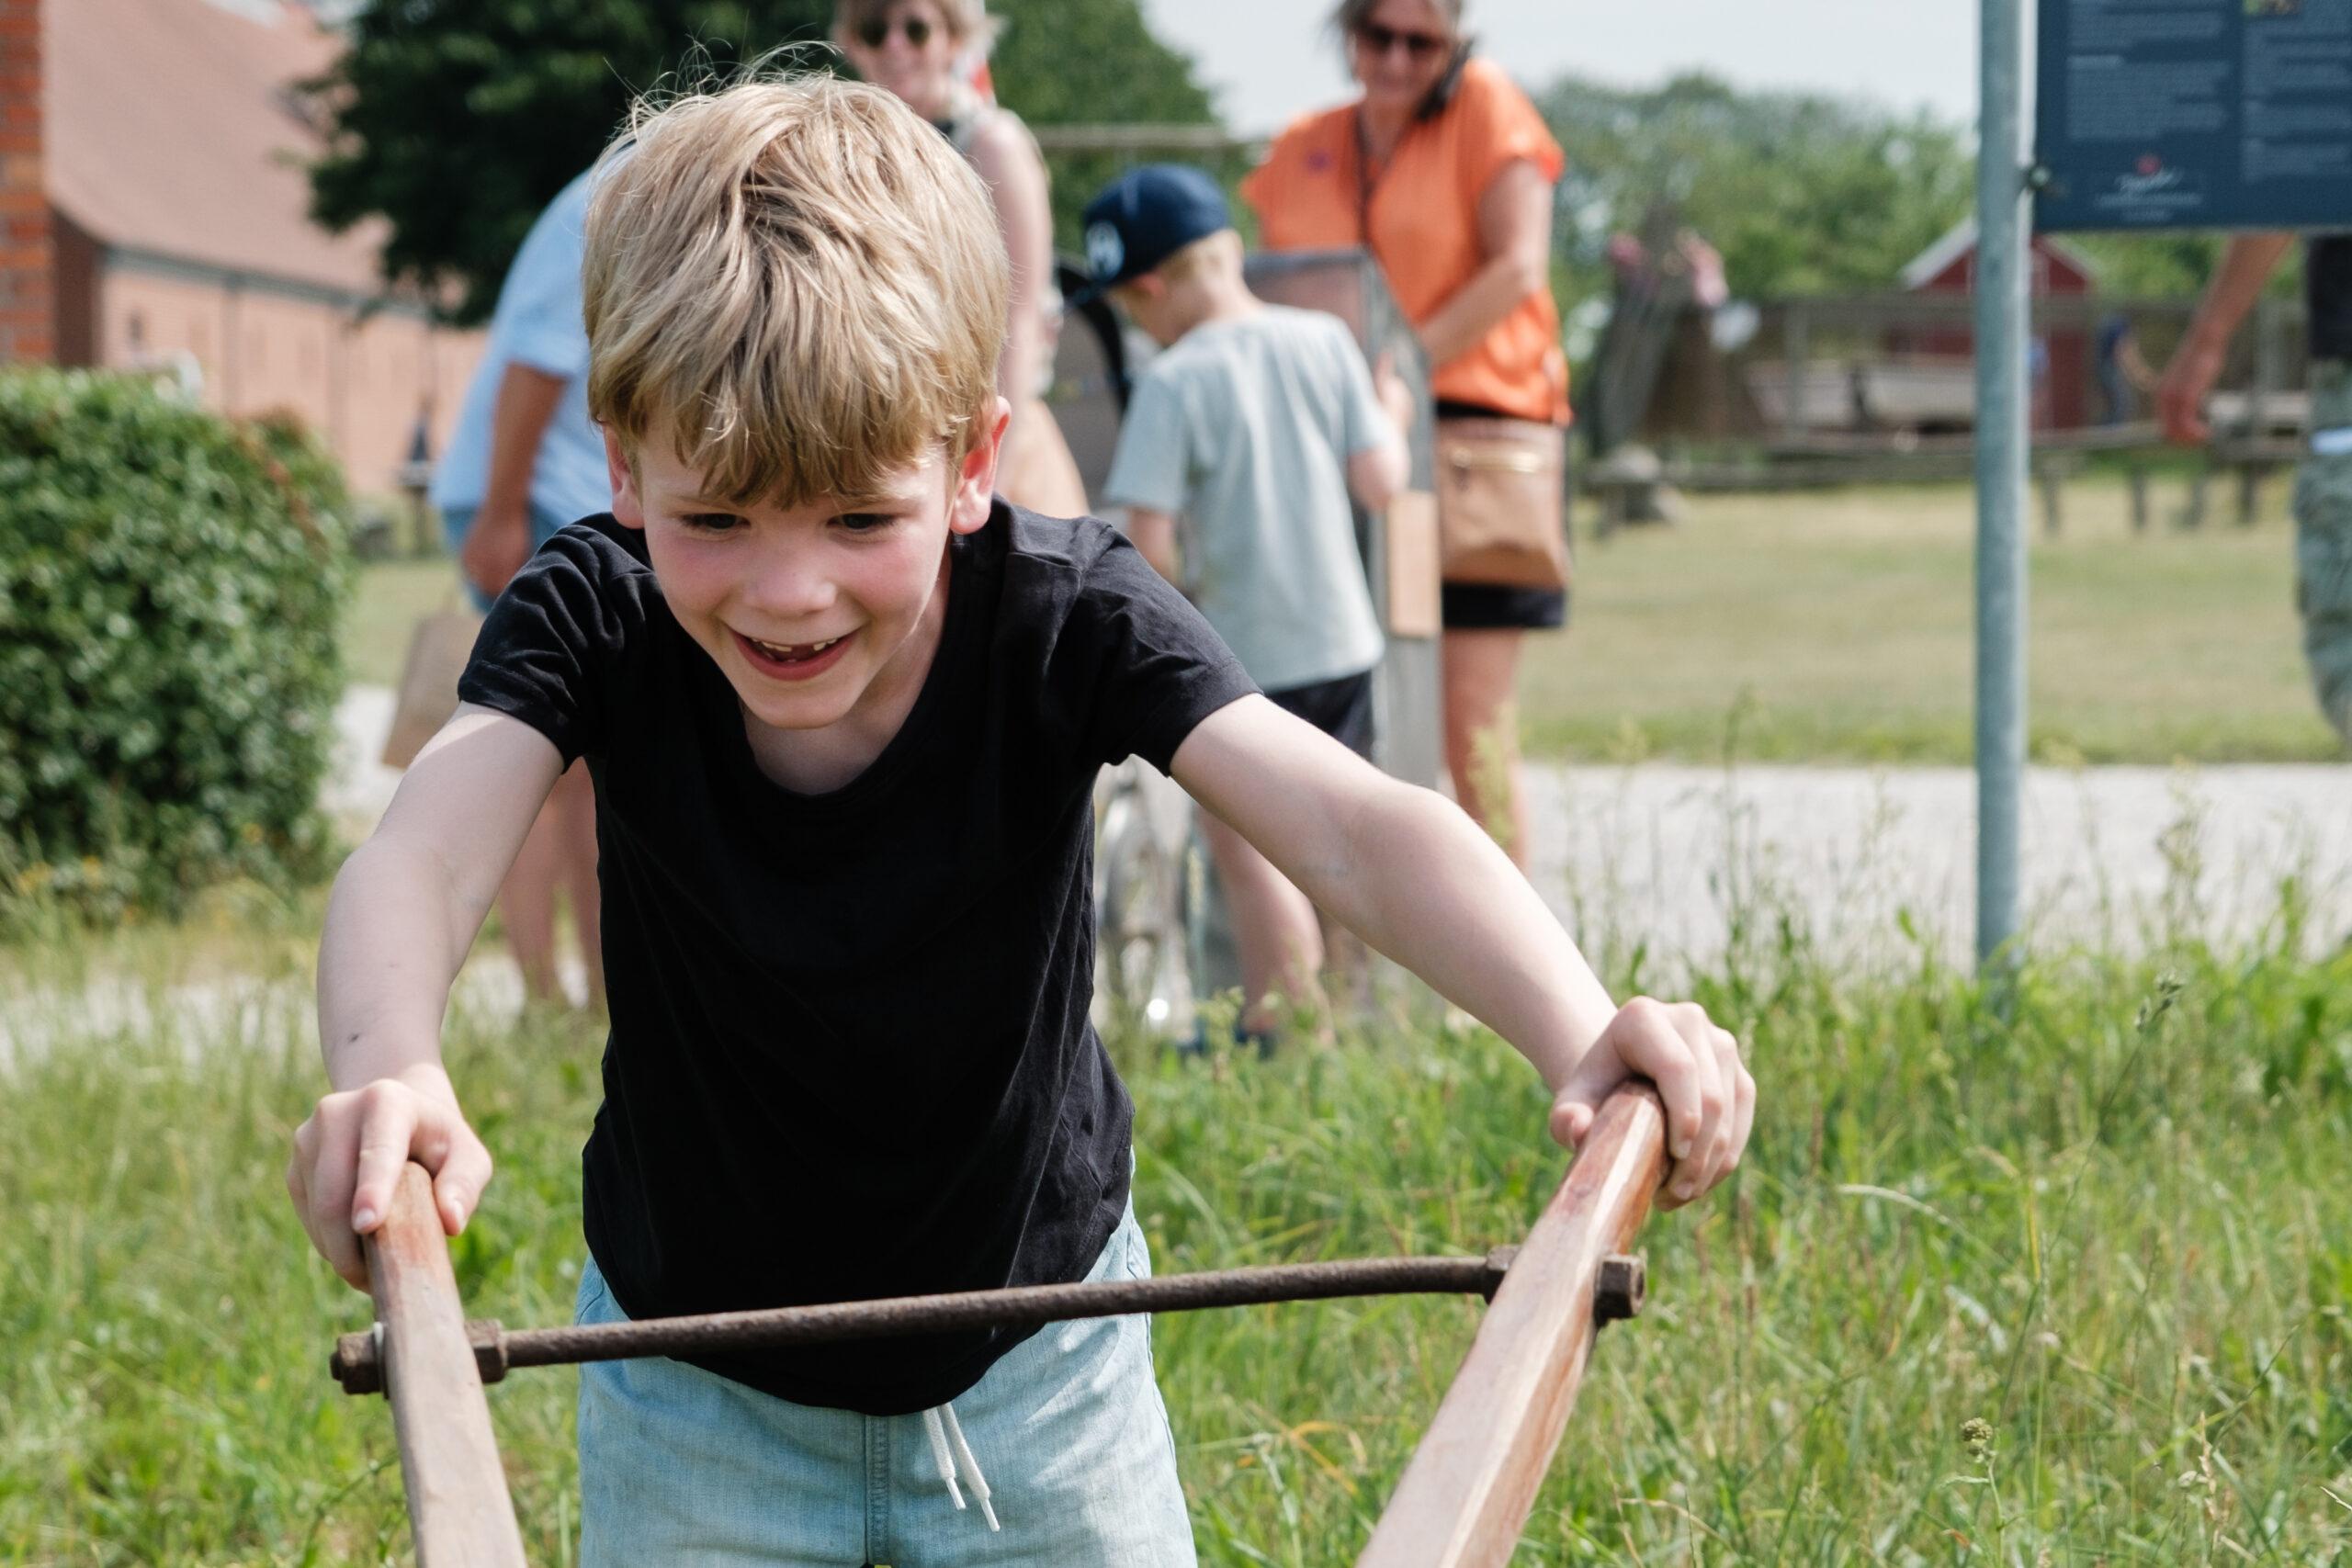 Sommer med masser af aktiviteter for hele familien på Det Grønne Museum